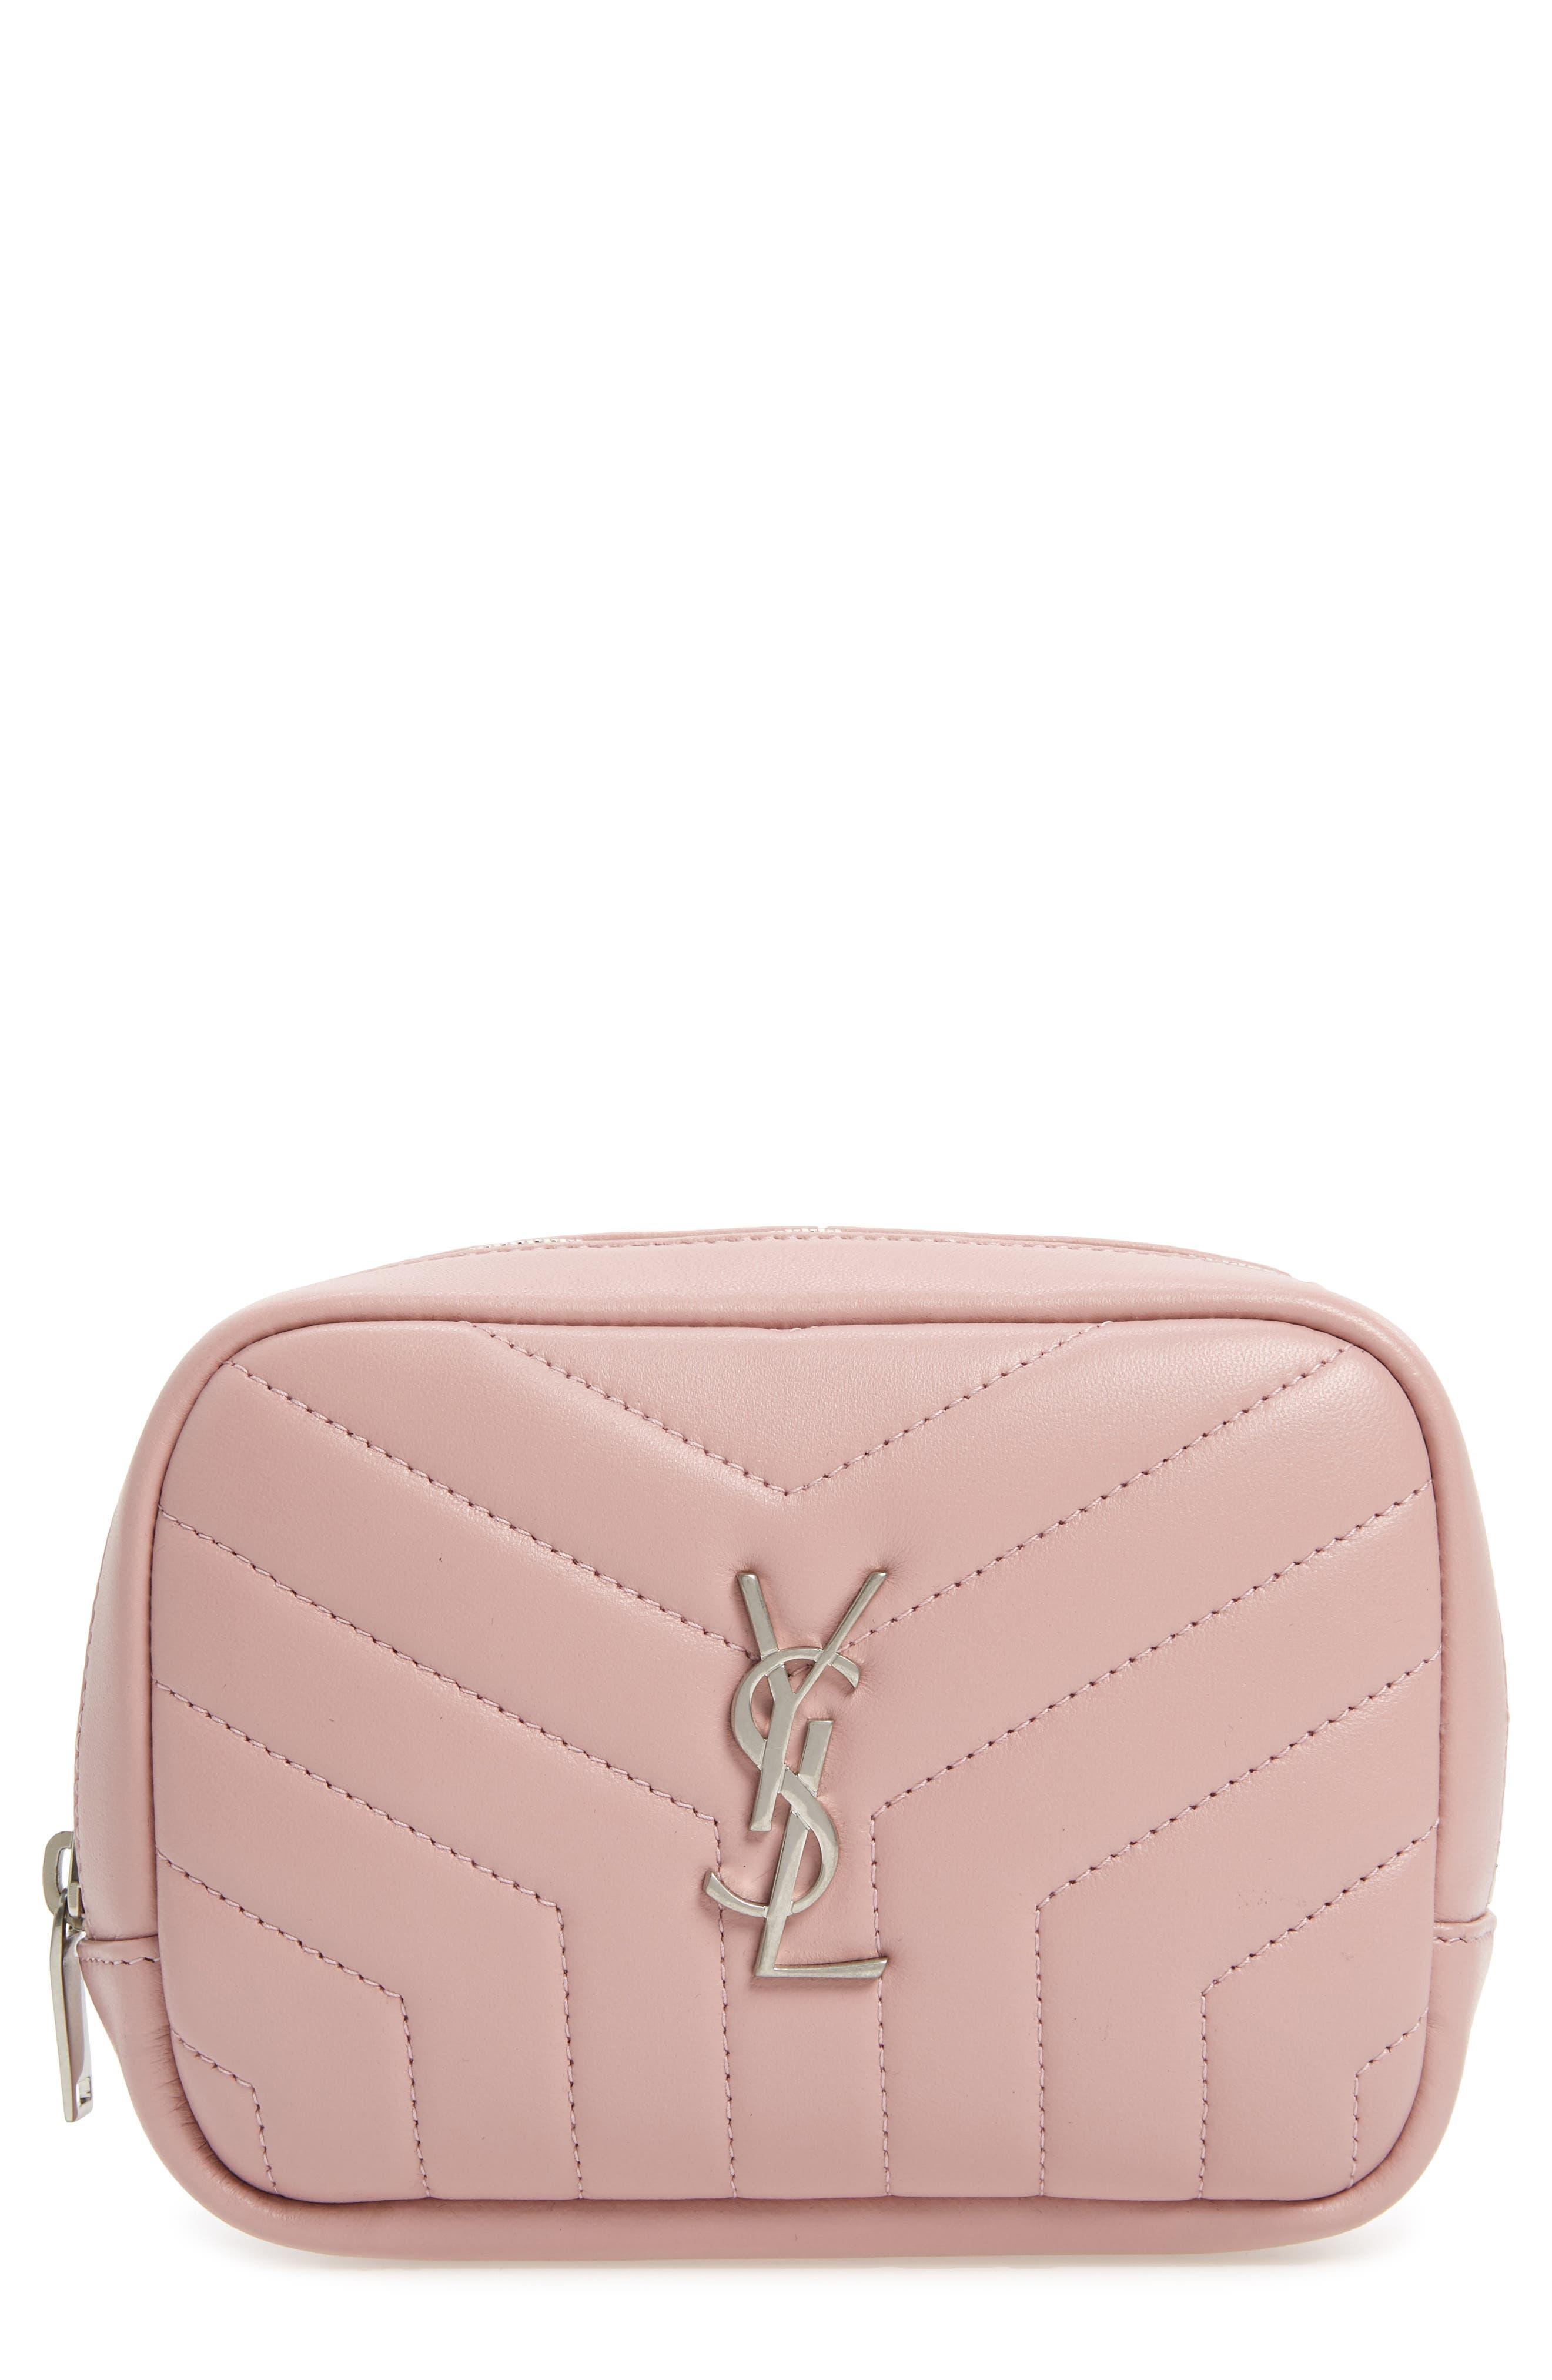 Saint Laurent Loulou Matelassé Leather Cosmetics Bag